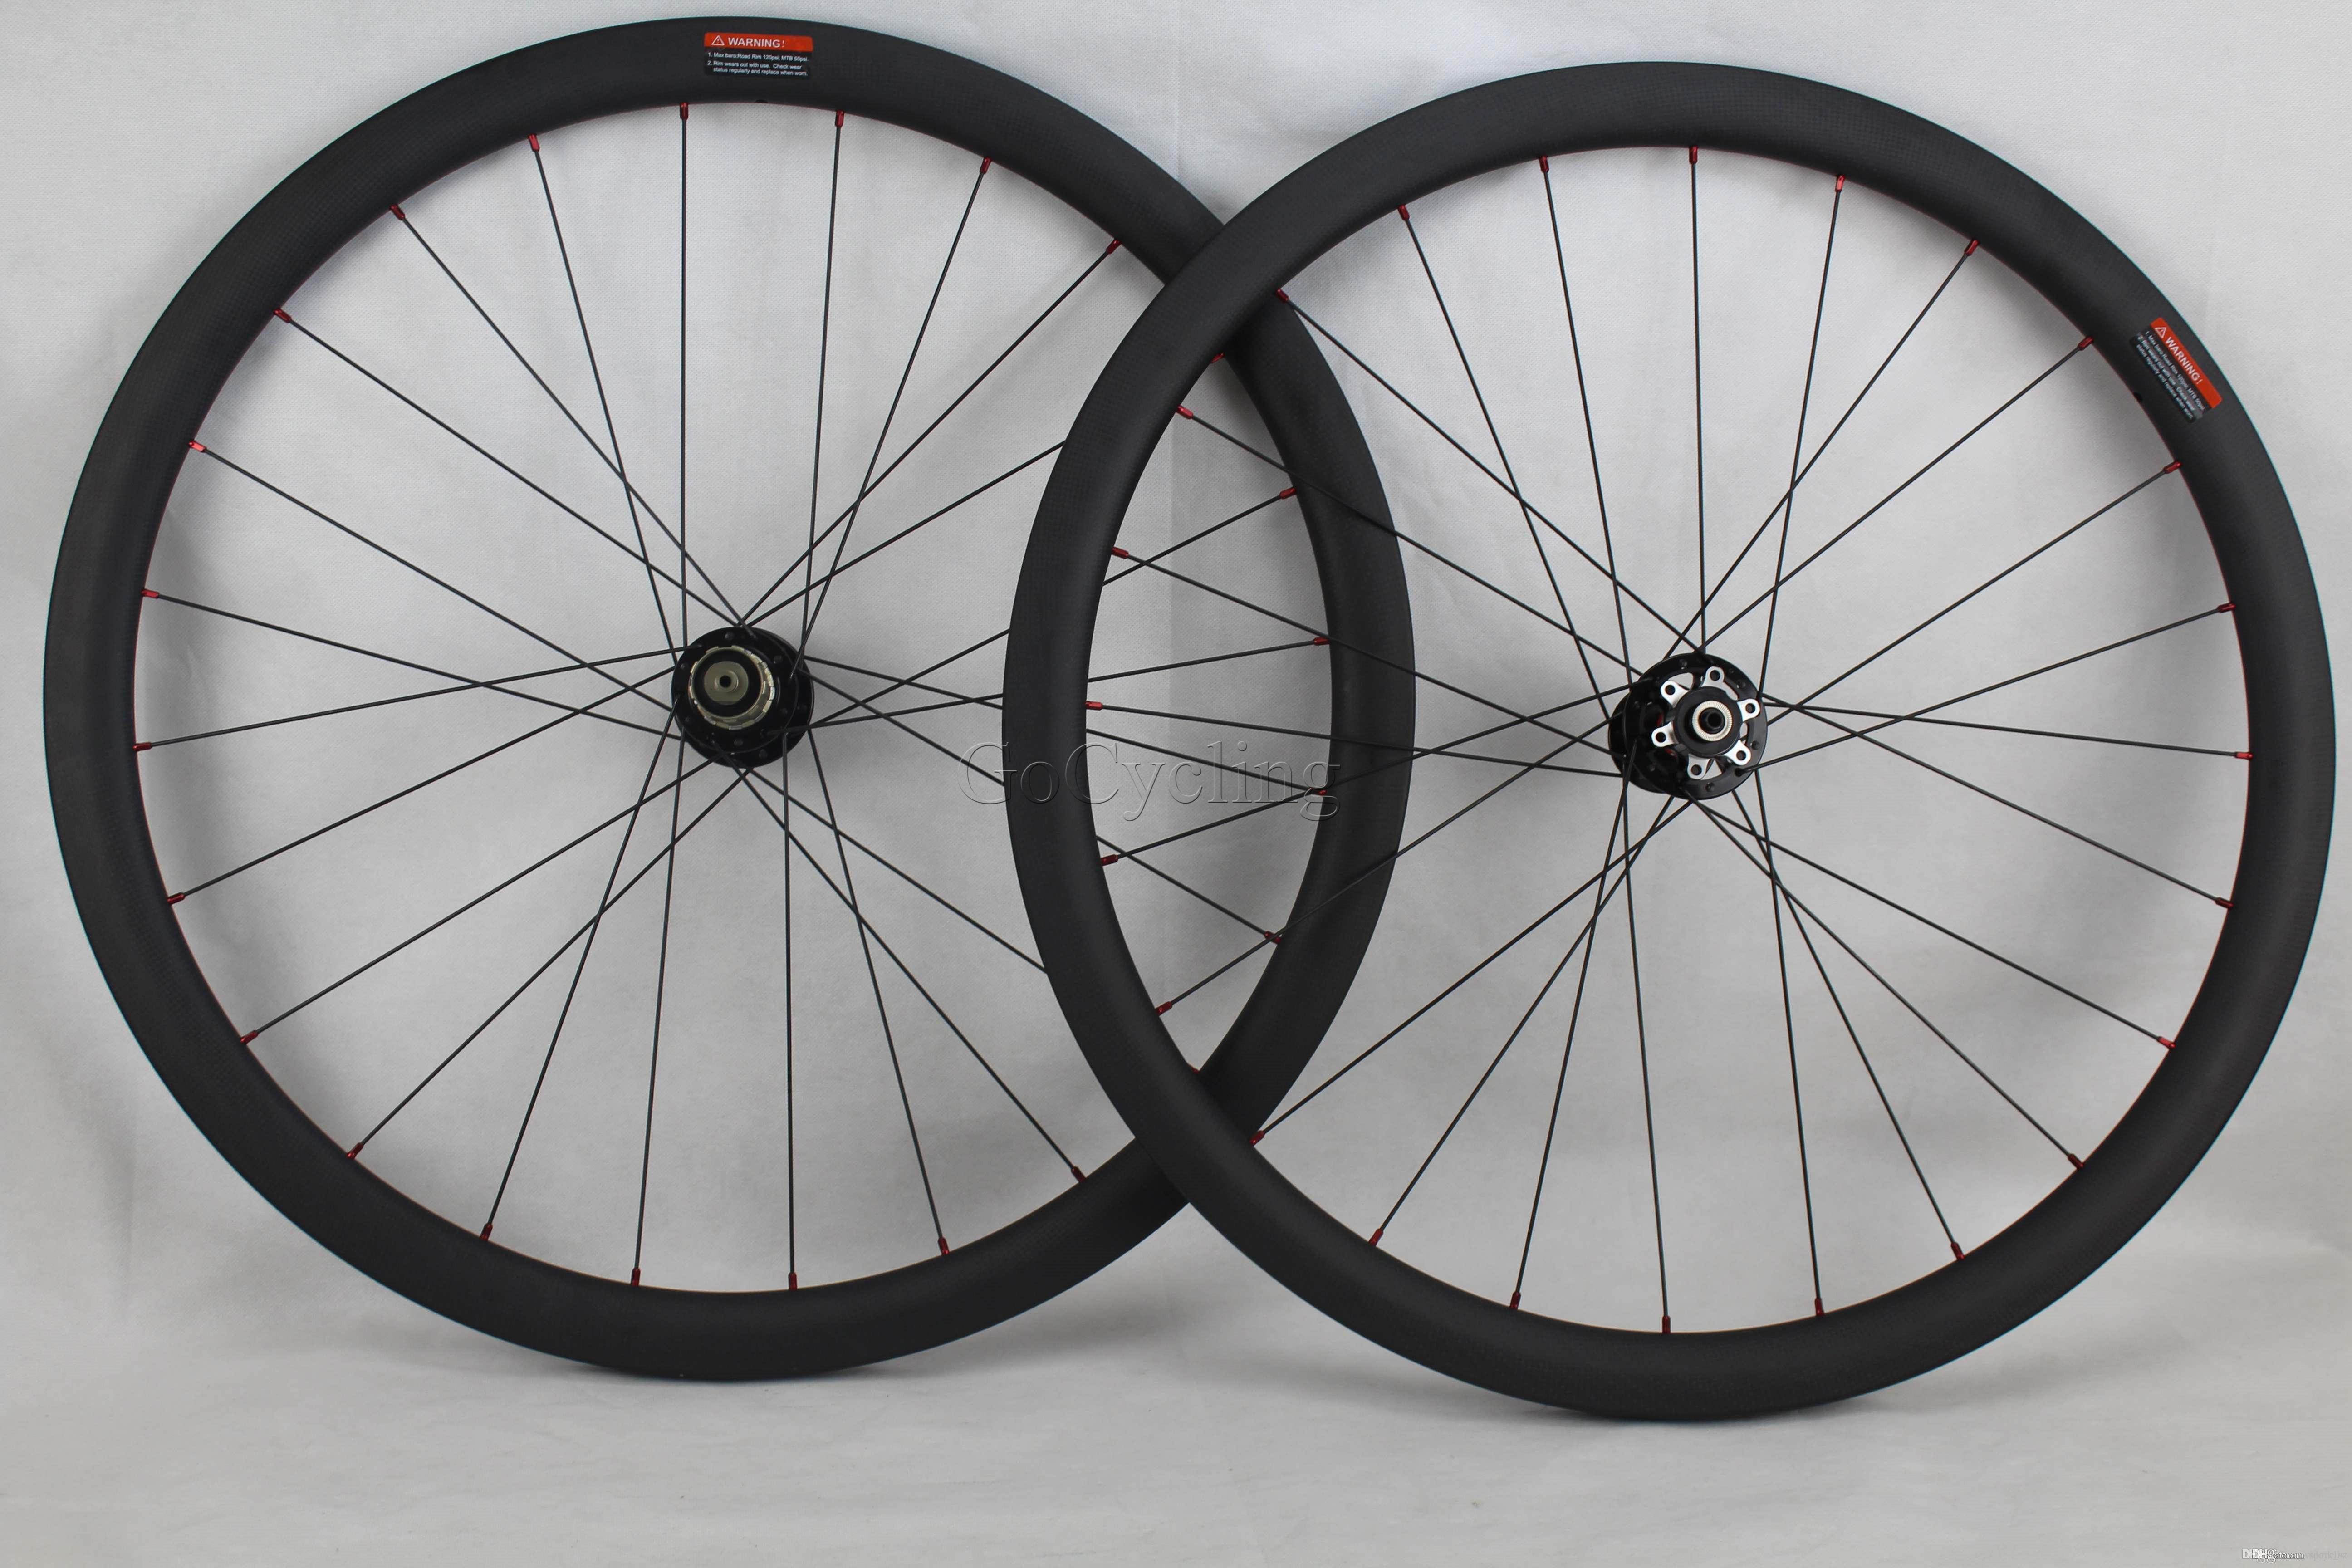 acheter frein a disque carbone roues 38mm 700c pneu tubulaire velo carbone roue jante largeur 25mm roues roue avec moyeux novatec de 342 29 du spark sz dhgate com